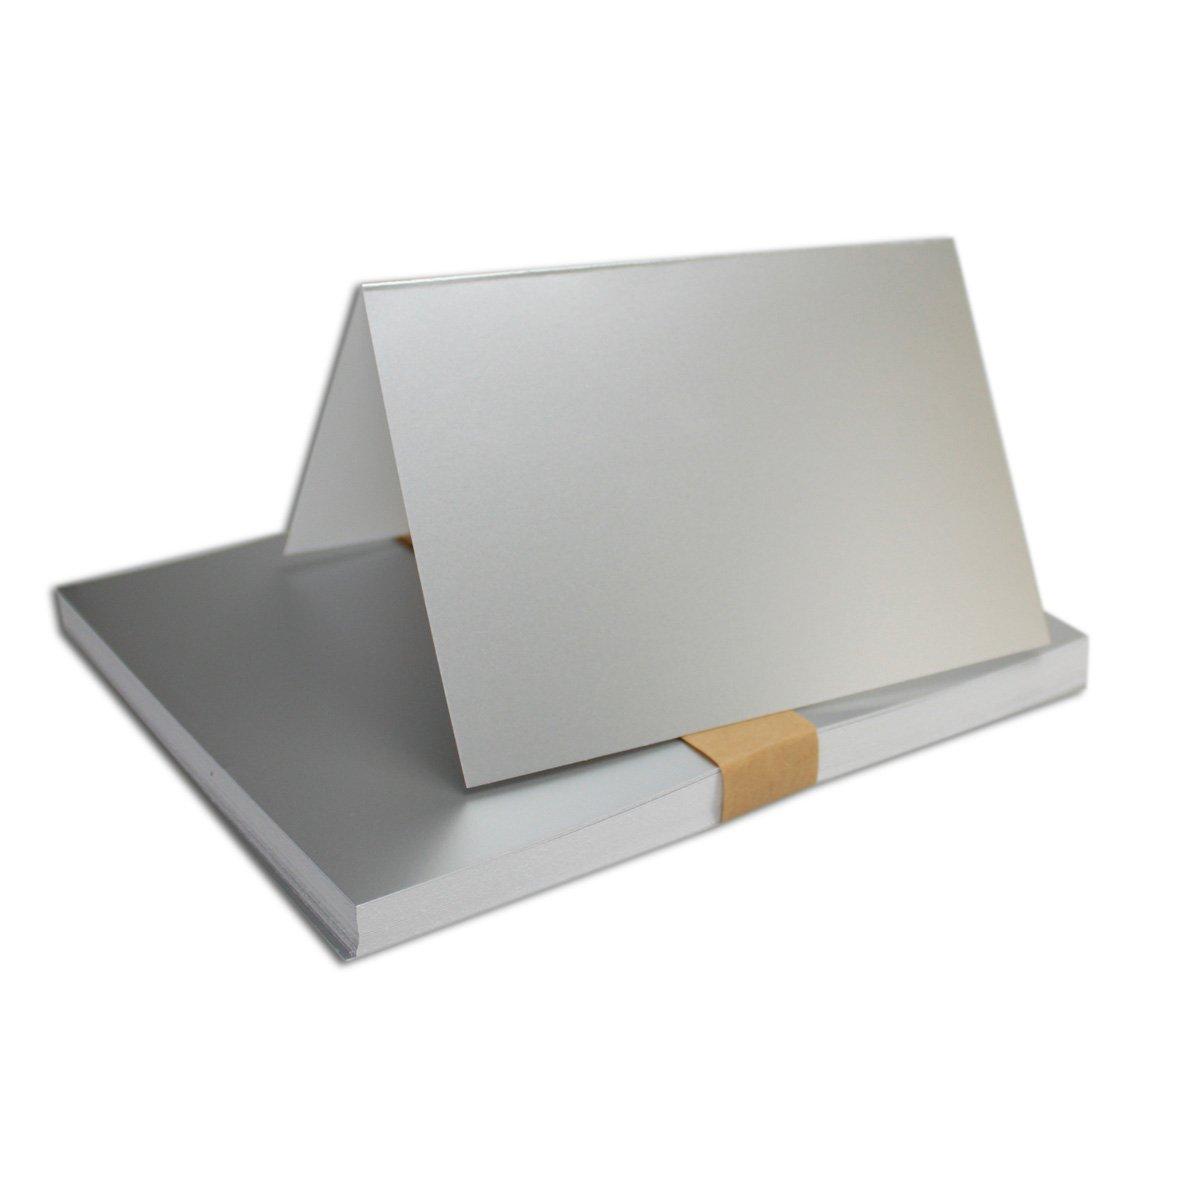 250x Falt-Karten DIN A6 Blanko Doppel-Karten in Hochweiß Kristallweiß -10,5 x 14,8 cm   Premium Qualität   FarbenFroh® B07C9H378J | Erschwinglich